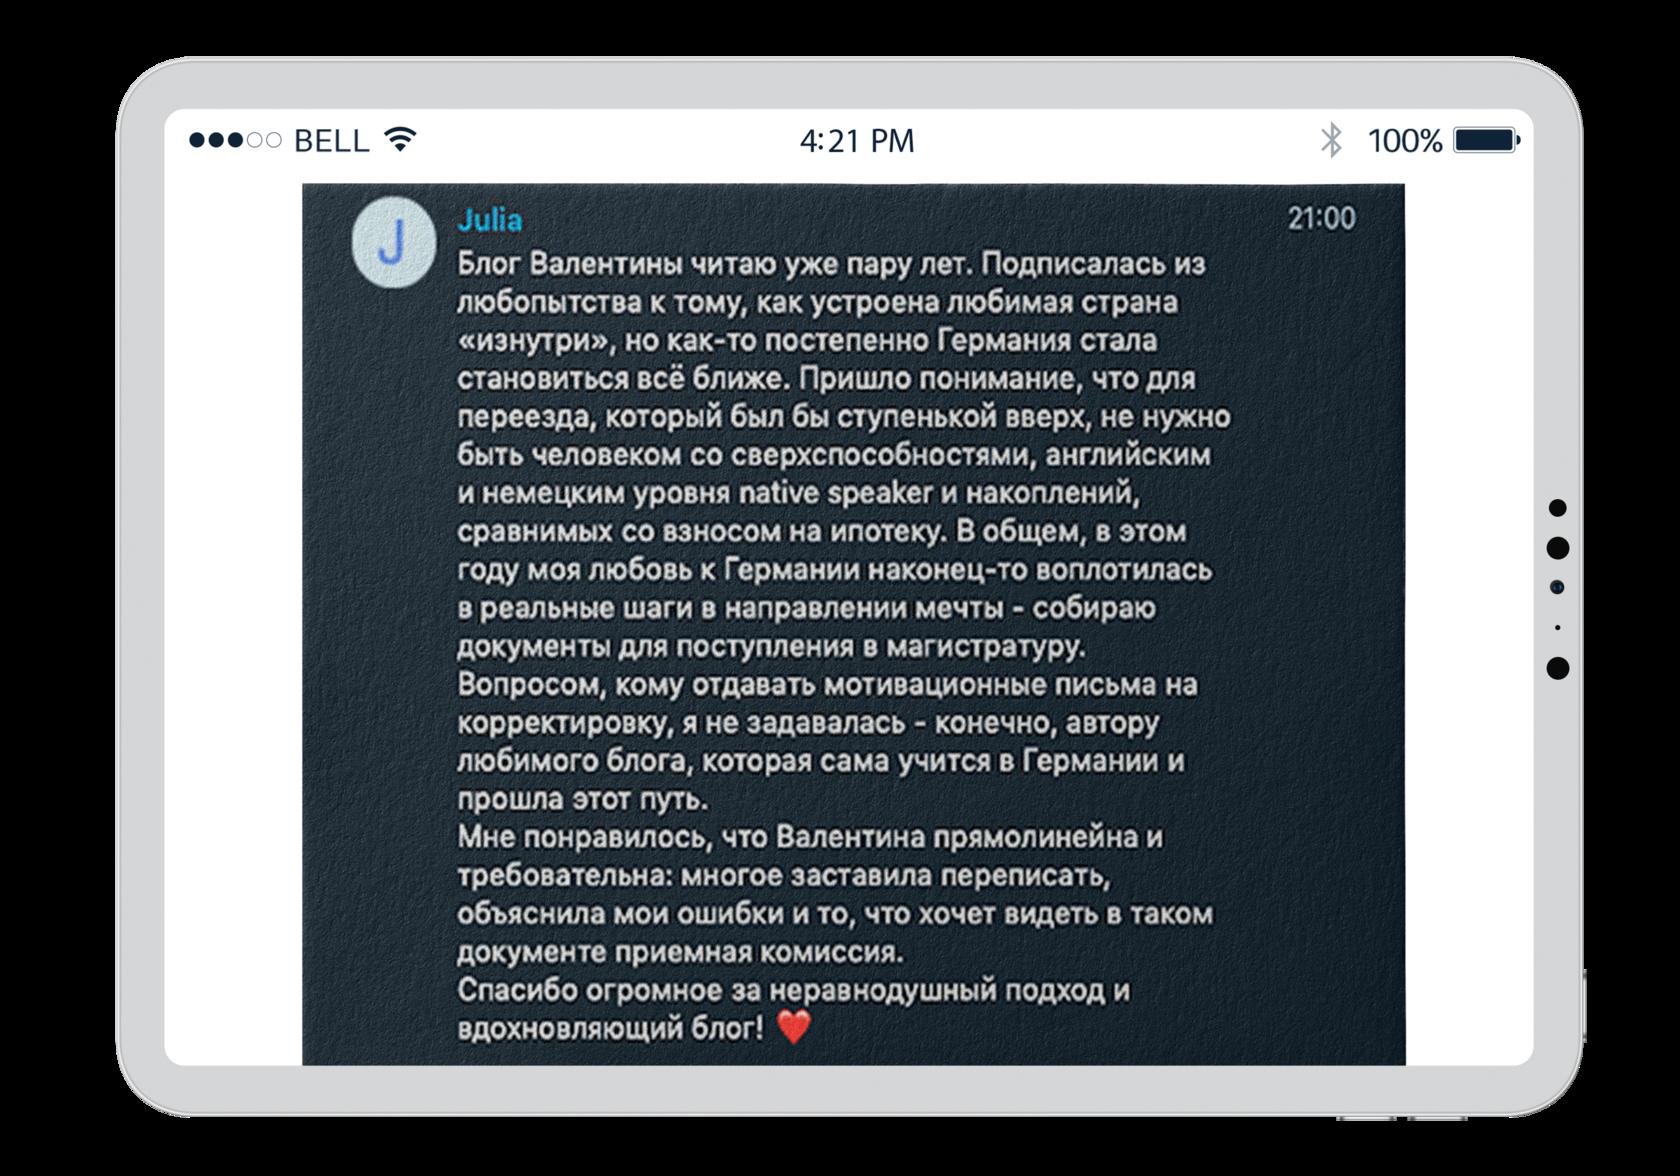 Отзыв Юлии на услуги Валентины